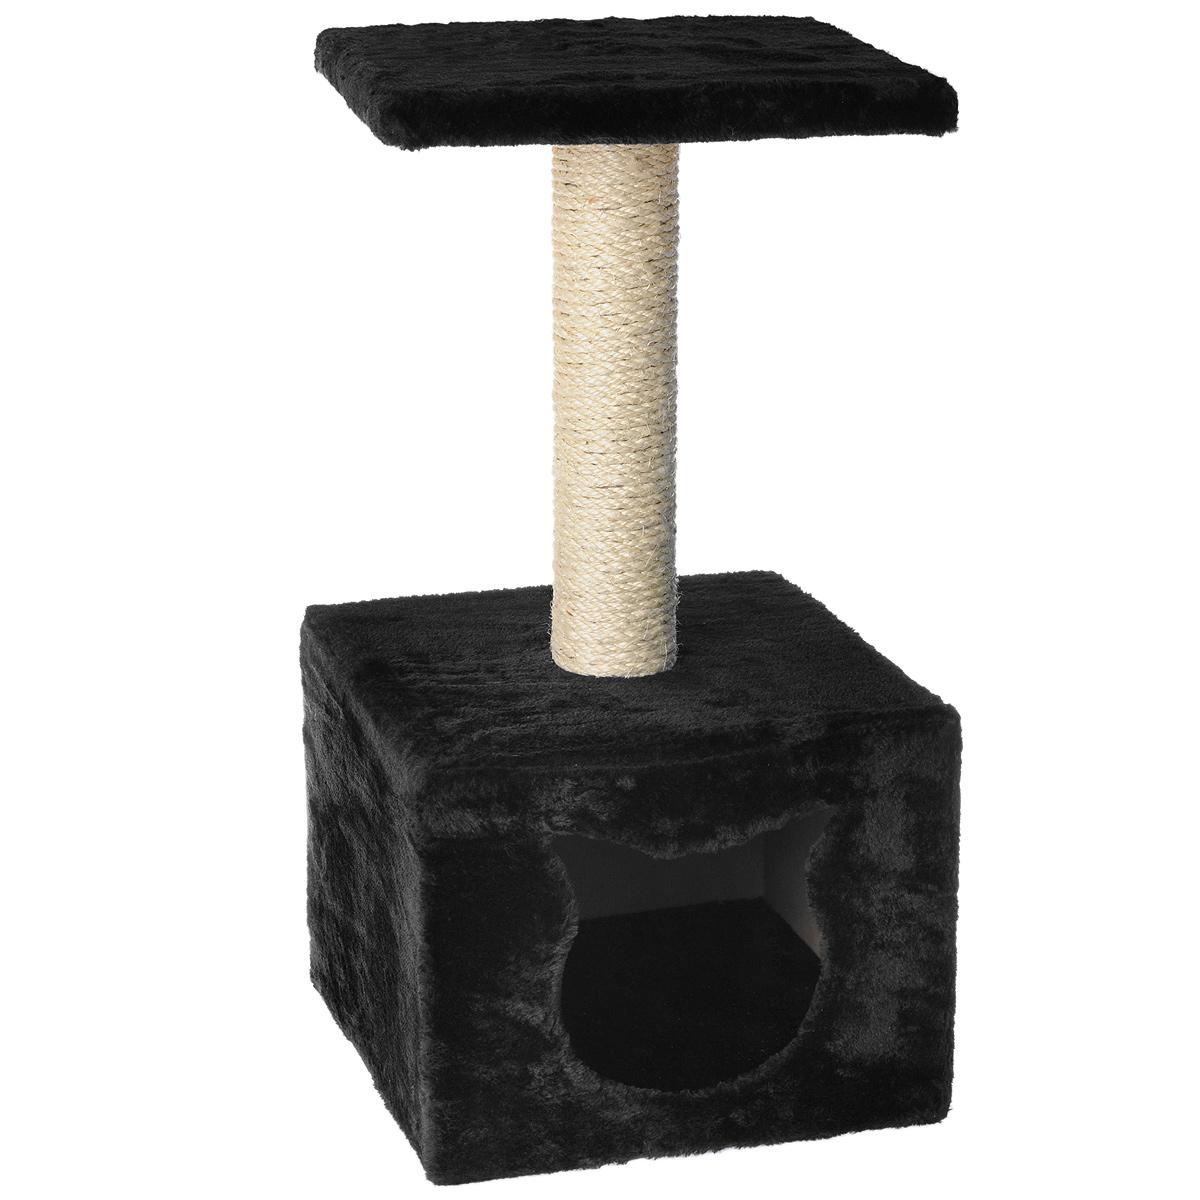 Домик-когтеточка I.P.T.S., с площадкой, цвет: черный, 30 см х 30 см х 60 см0120710Домик-когтеточка I.P.T.S. выполнен из высококачественных материалов, предназначен для кошек. Кошка будет с удовольствием точить когти о специальный столбик, изготовленный из сизаля. А отдохнуть она сможет либо на площадке, находящейся наверху столбика, либо в расположенном внизу домике.